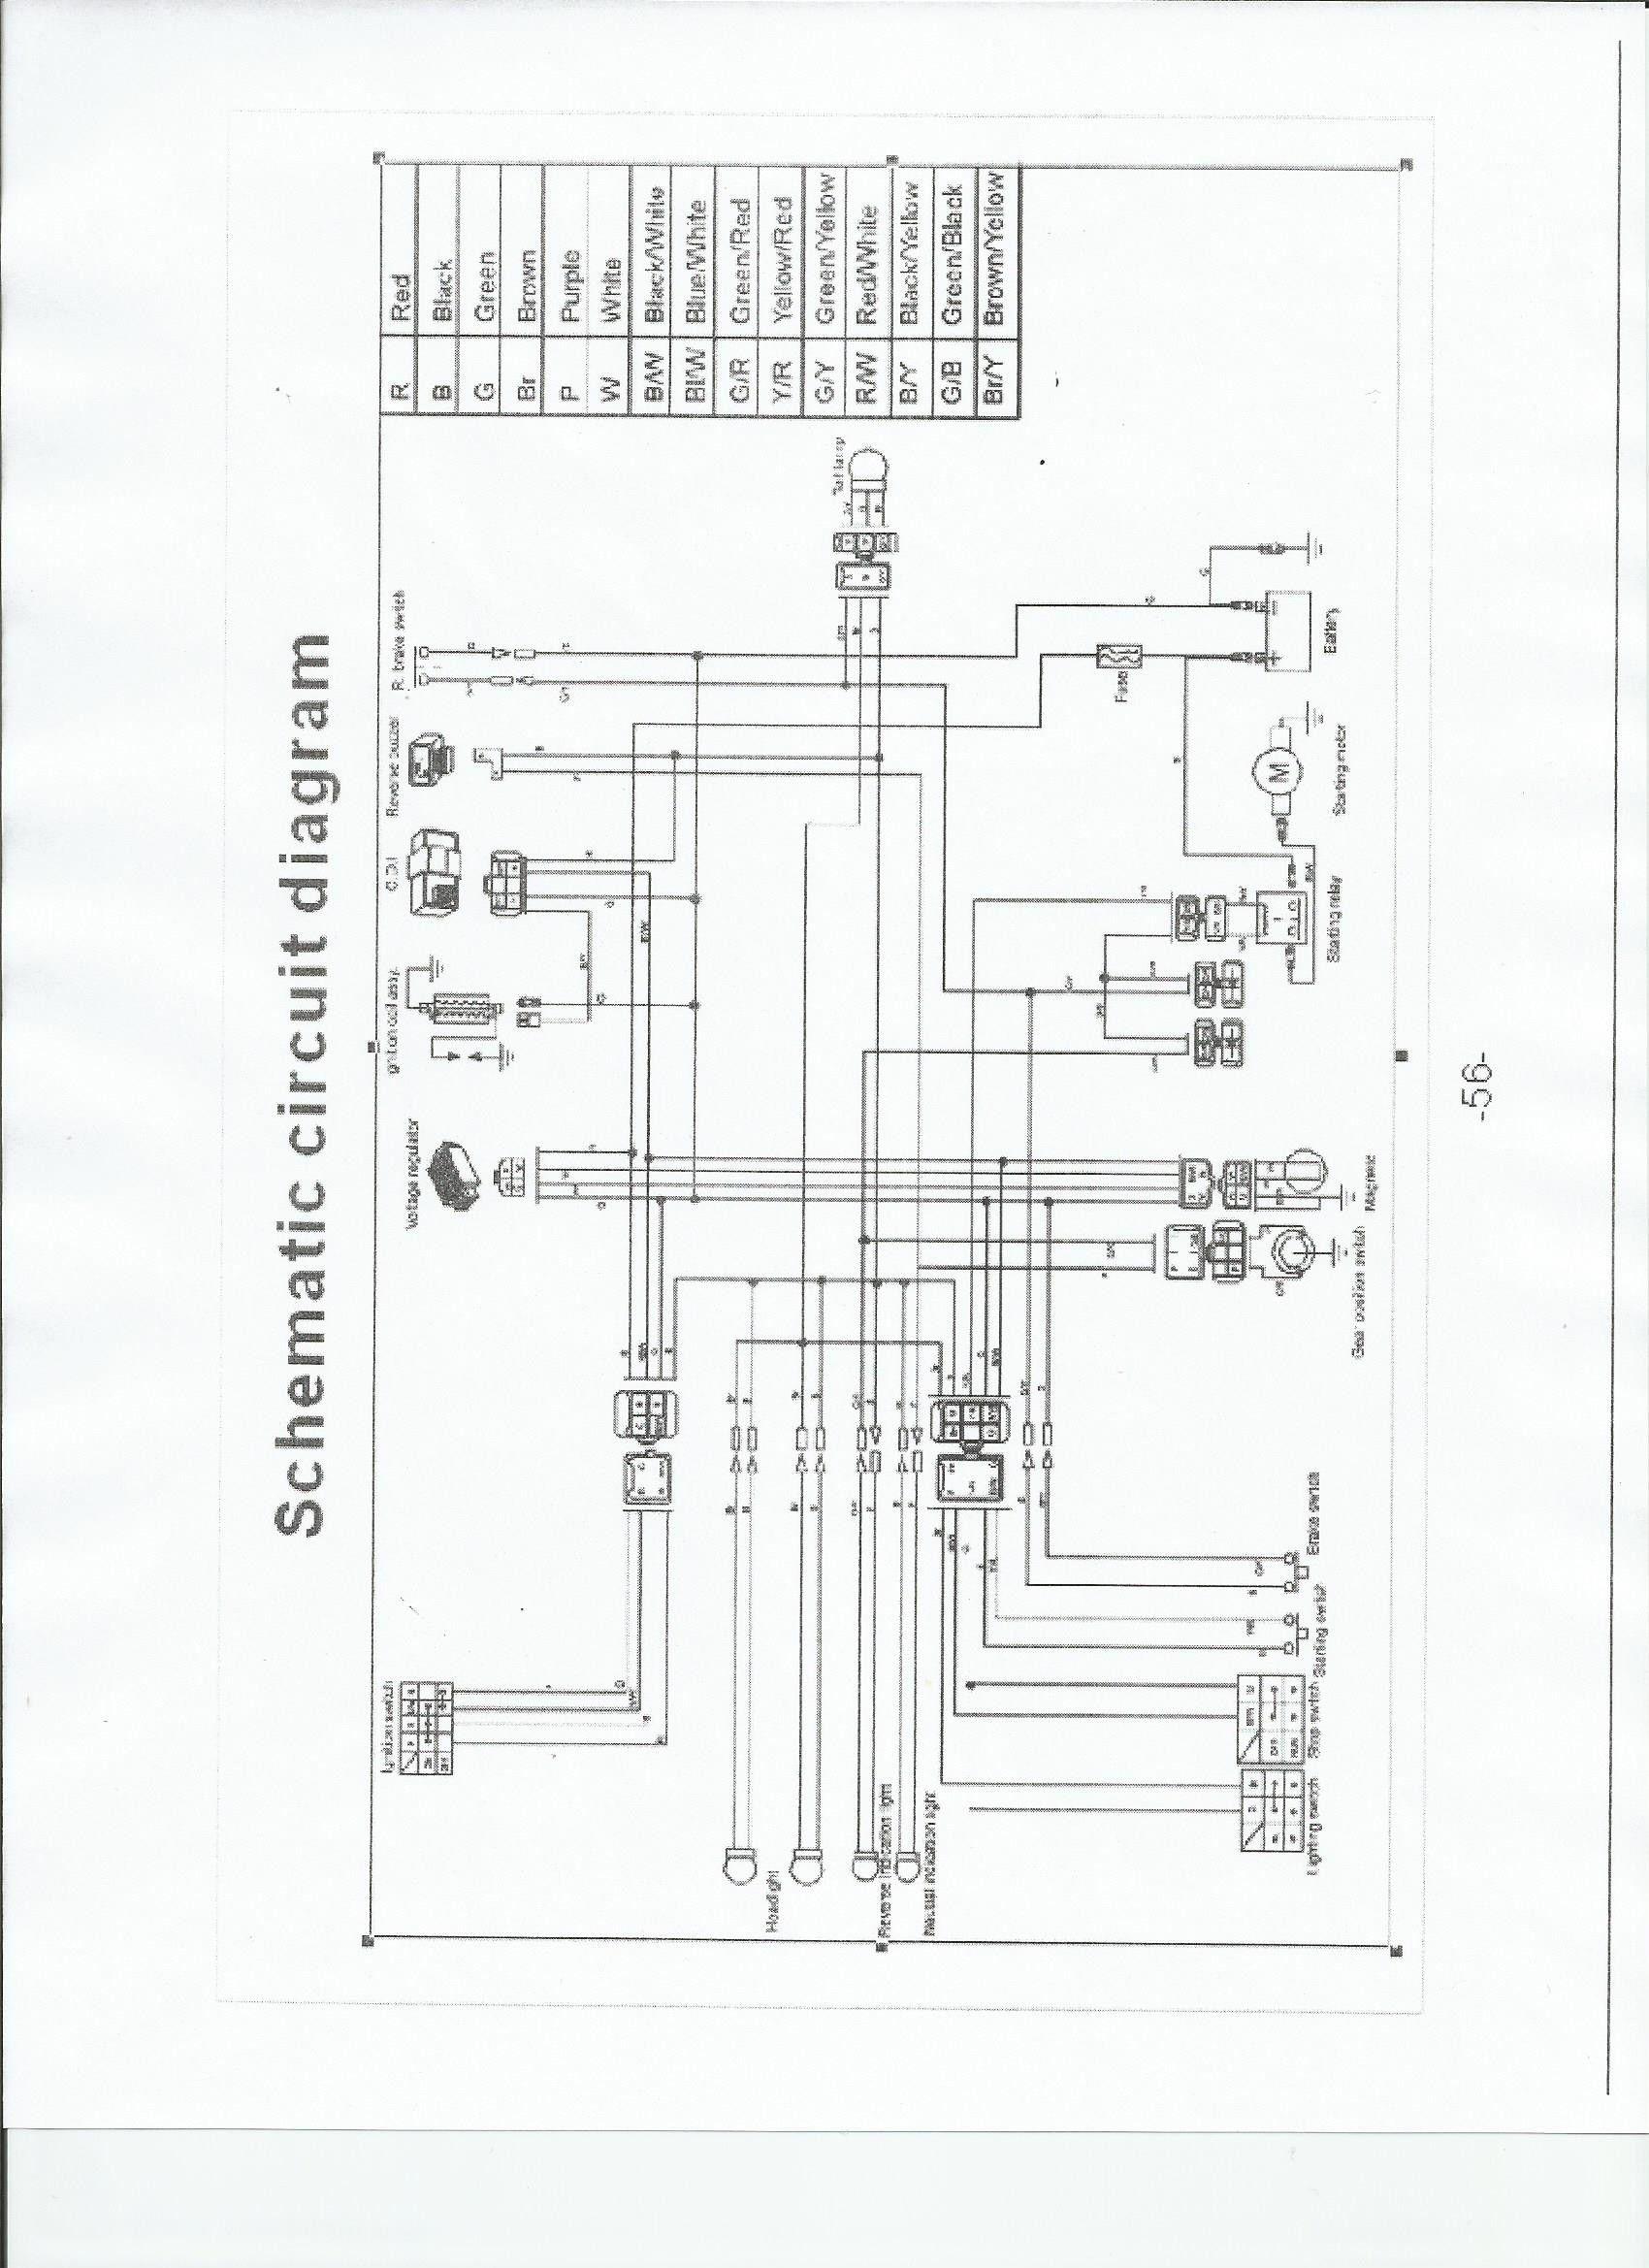 Taotao 110cc Atv Wiring Diagram : taotao, 110cc, wiring, diagram, Wiring, Diagram, Chromatex, Taotao, Diagram,